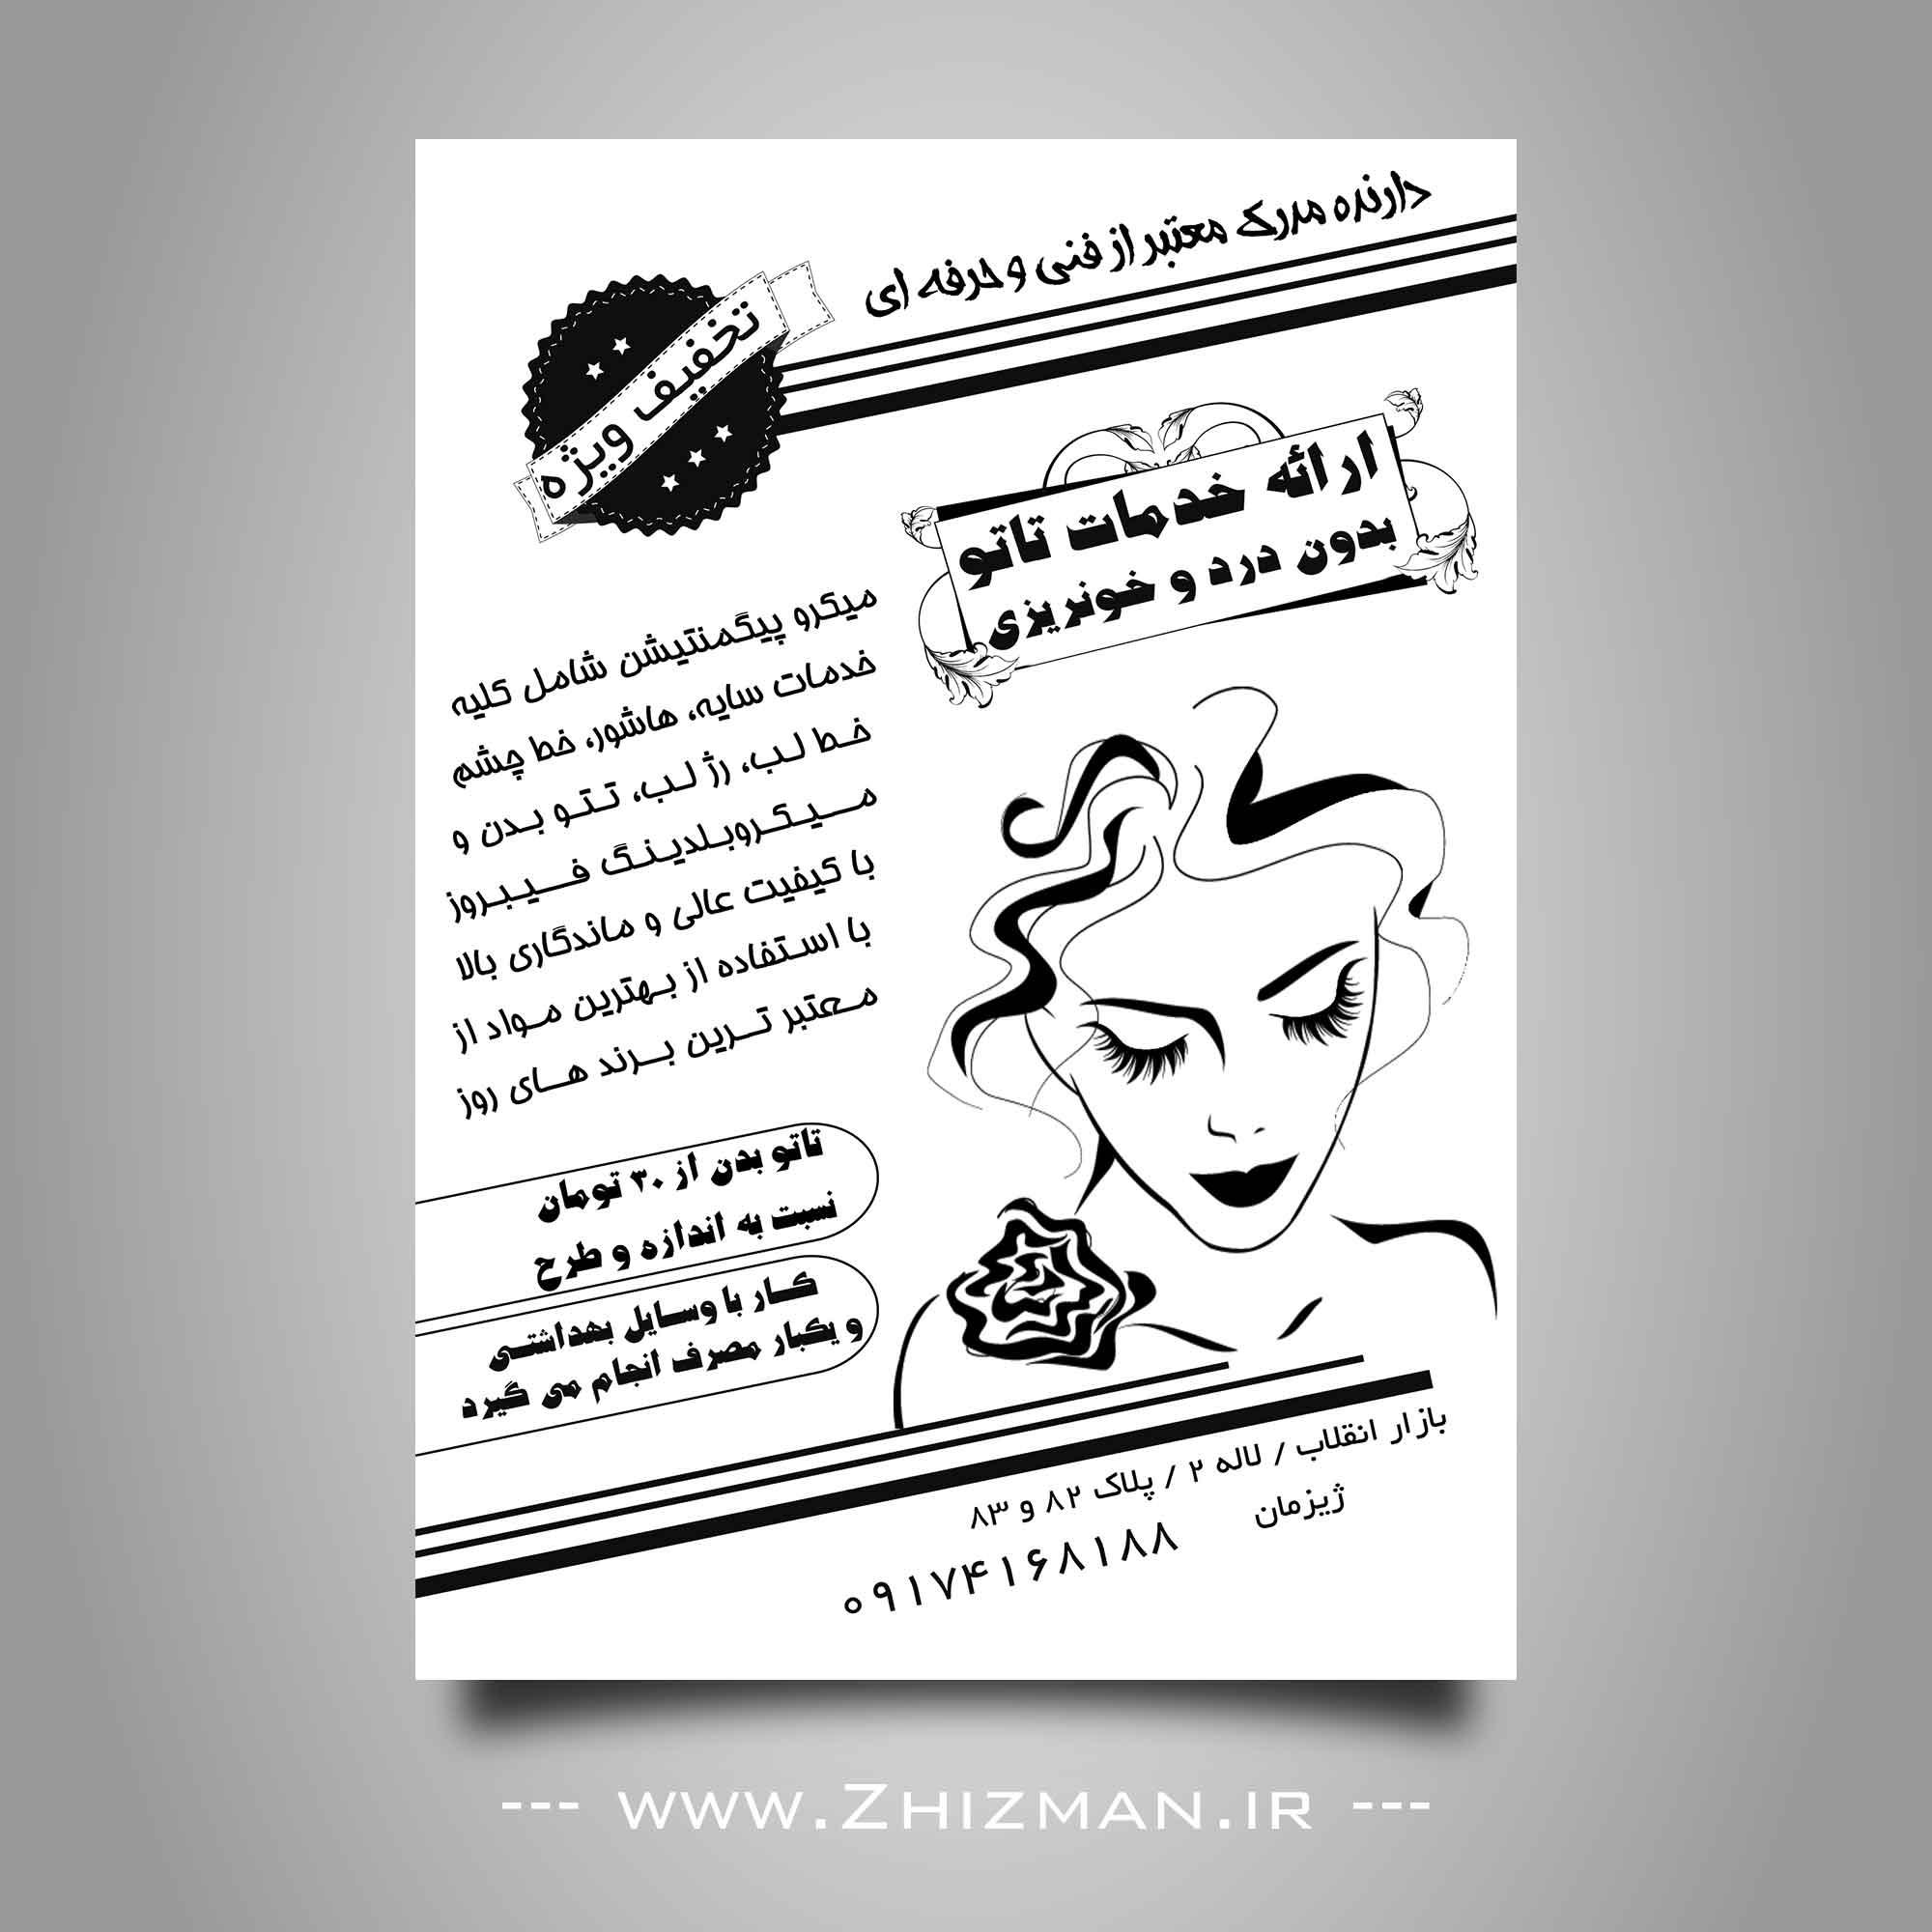 تراکت سیاه سفید آرایشگاه زنانه